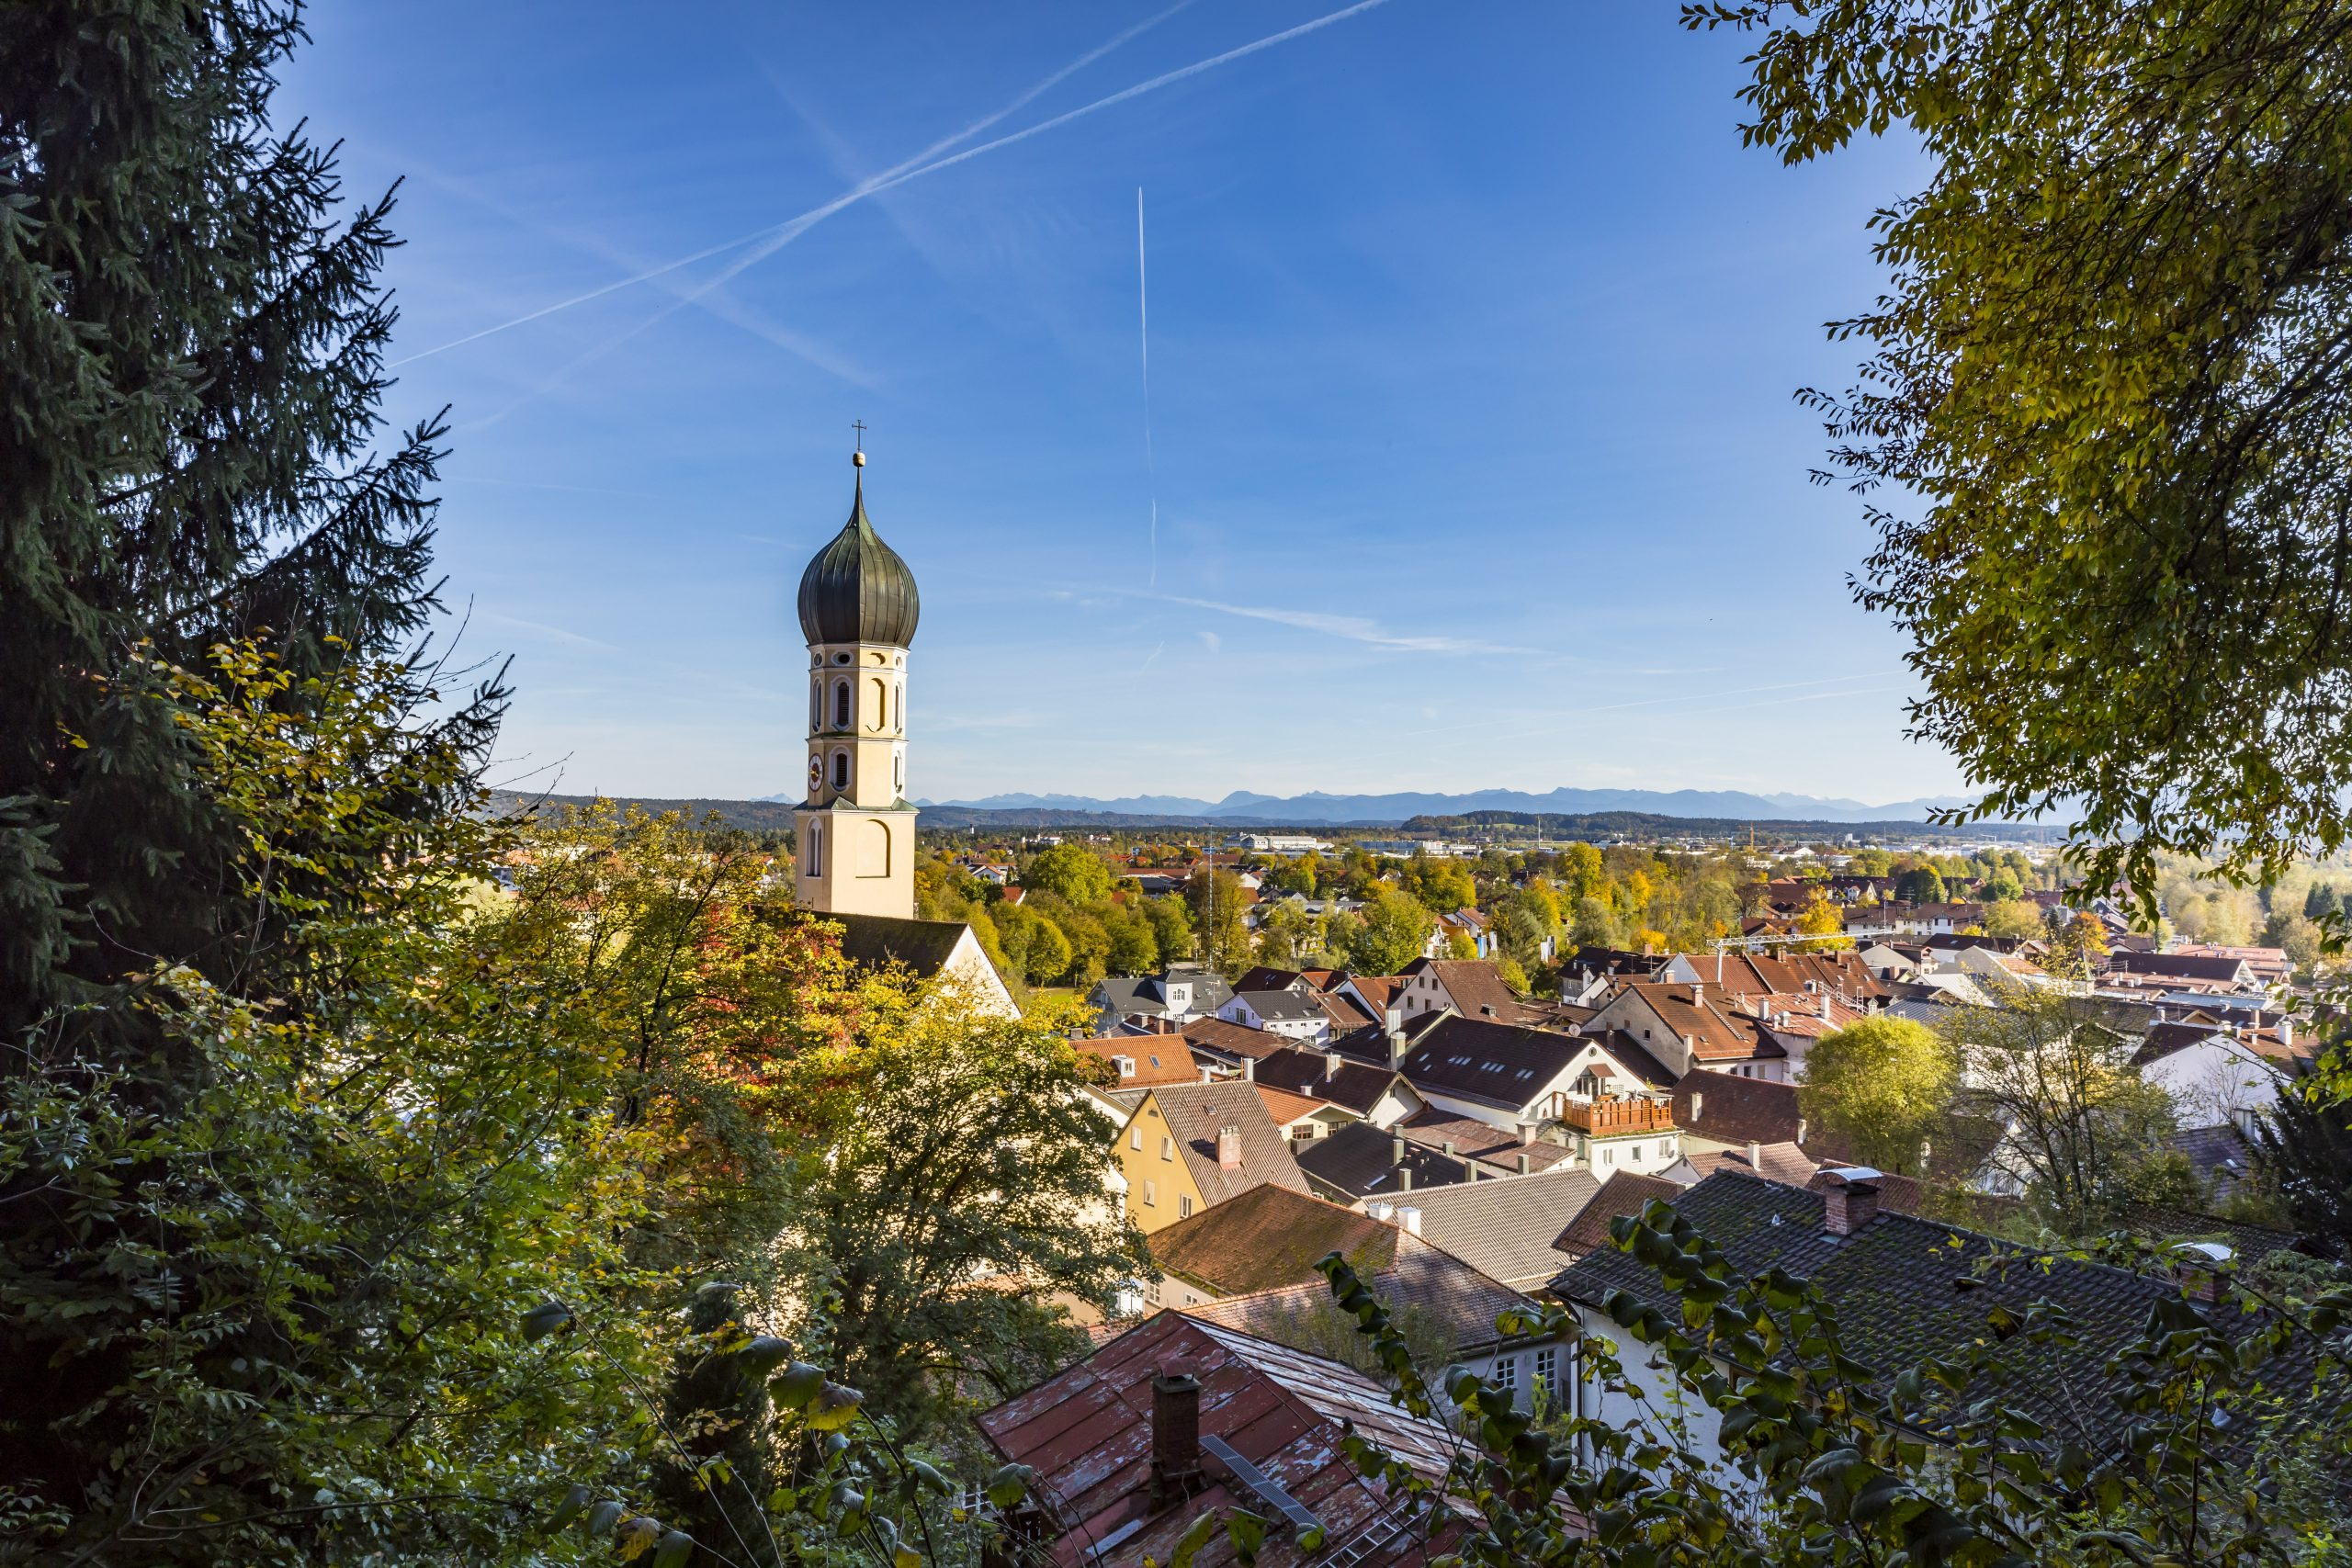 Panoramafotografie: Ansicht der Stadt Wolfratshausen in Oberbayern